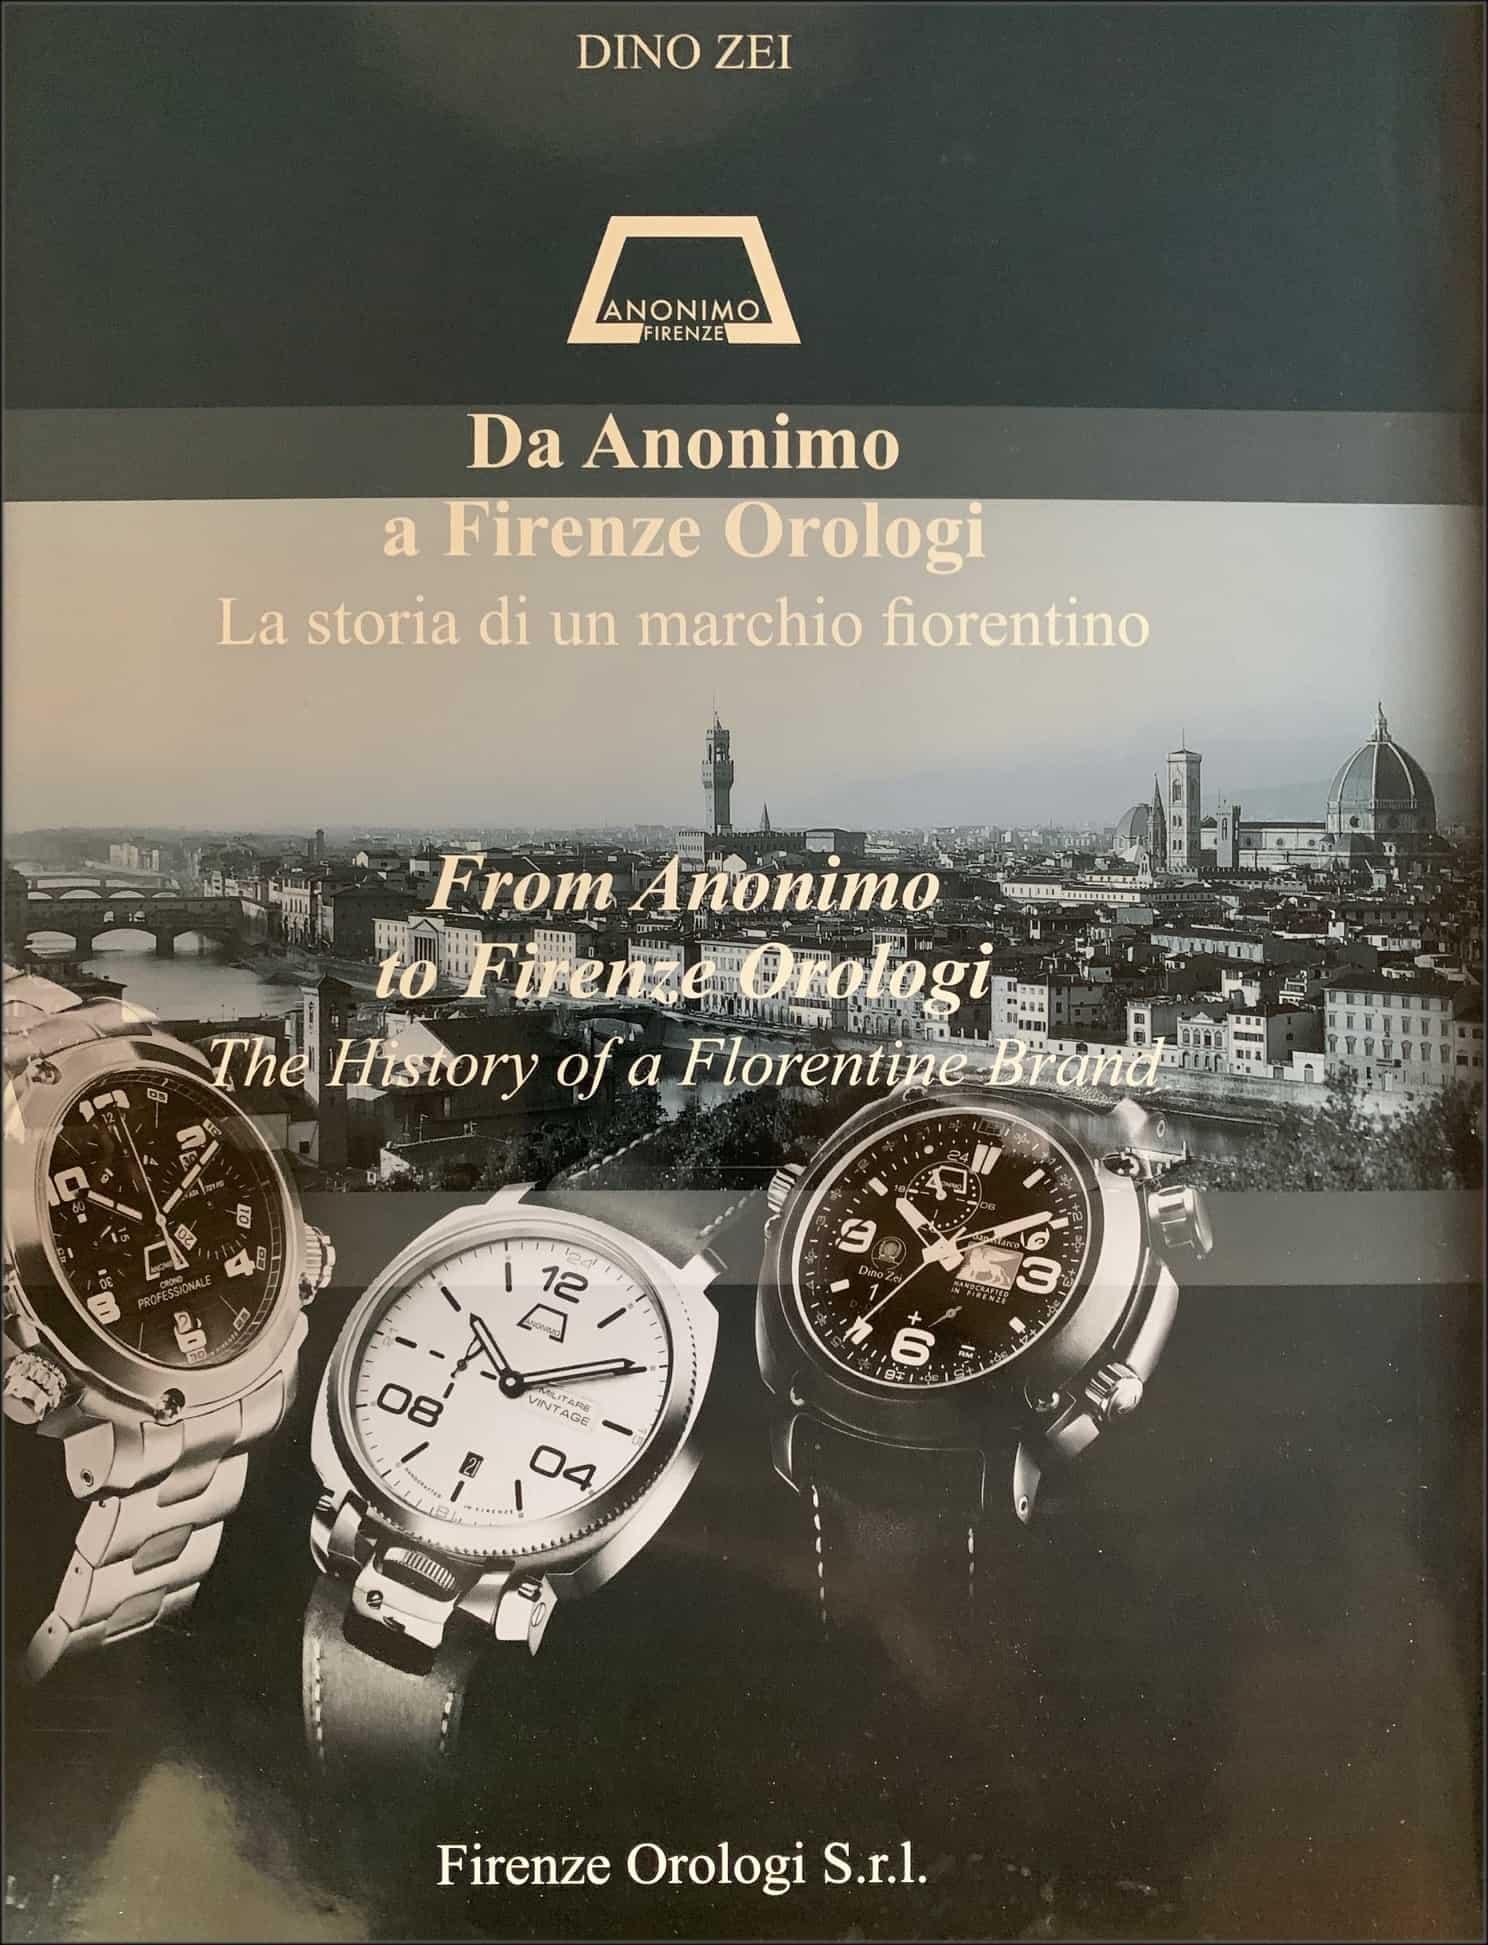 Ein schönes Buch über Florenz und seine Uhren wie Uhrenmarken